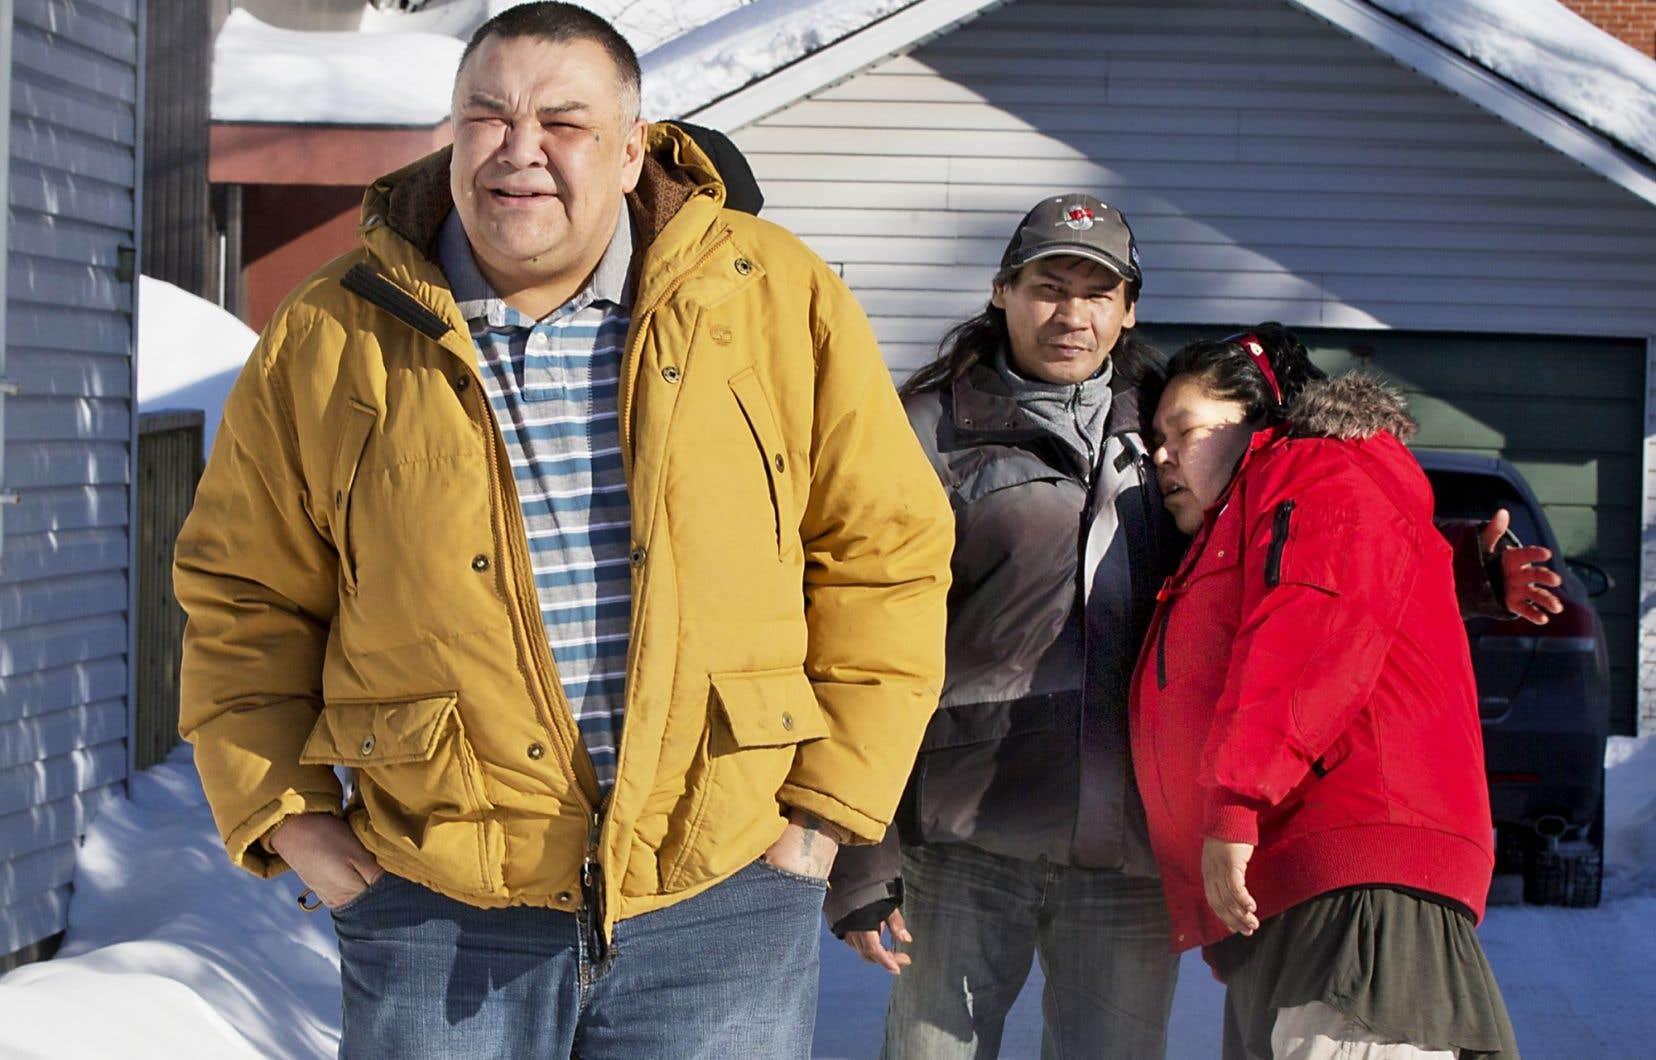 Lors de notre passage à Val-d'Or, en février 2016, nous avions rencontré, Christopher Stephen, un ancien itinérant qui était alors intervenant à la ressource d'hébergement Chez Willie.